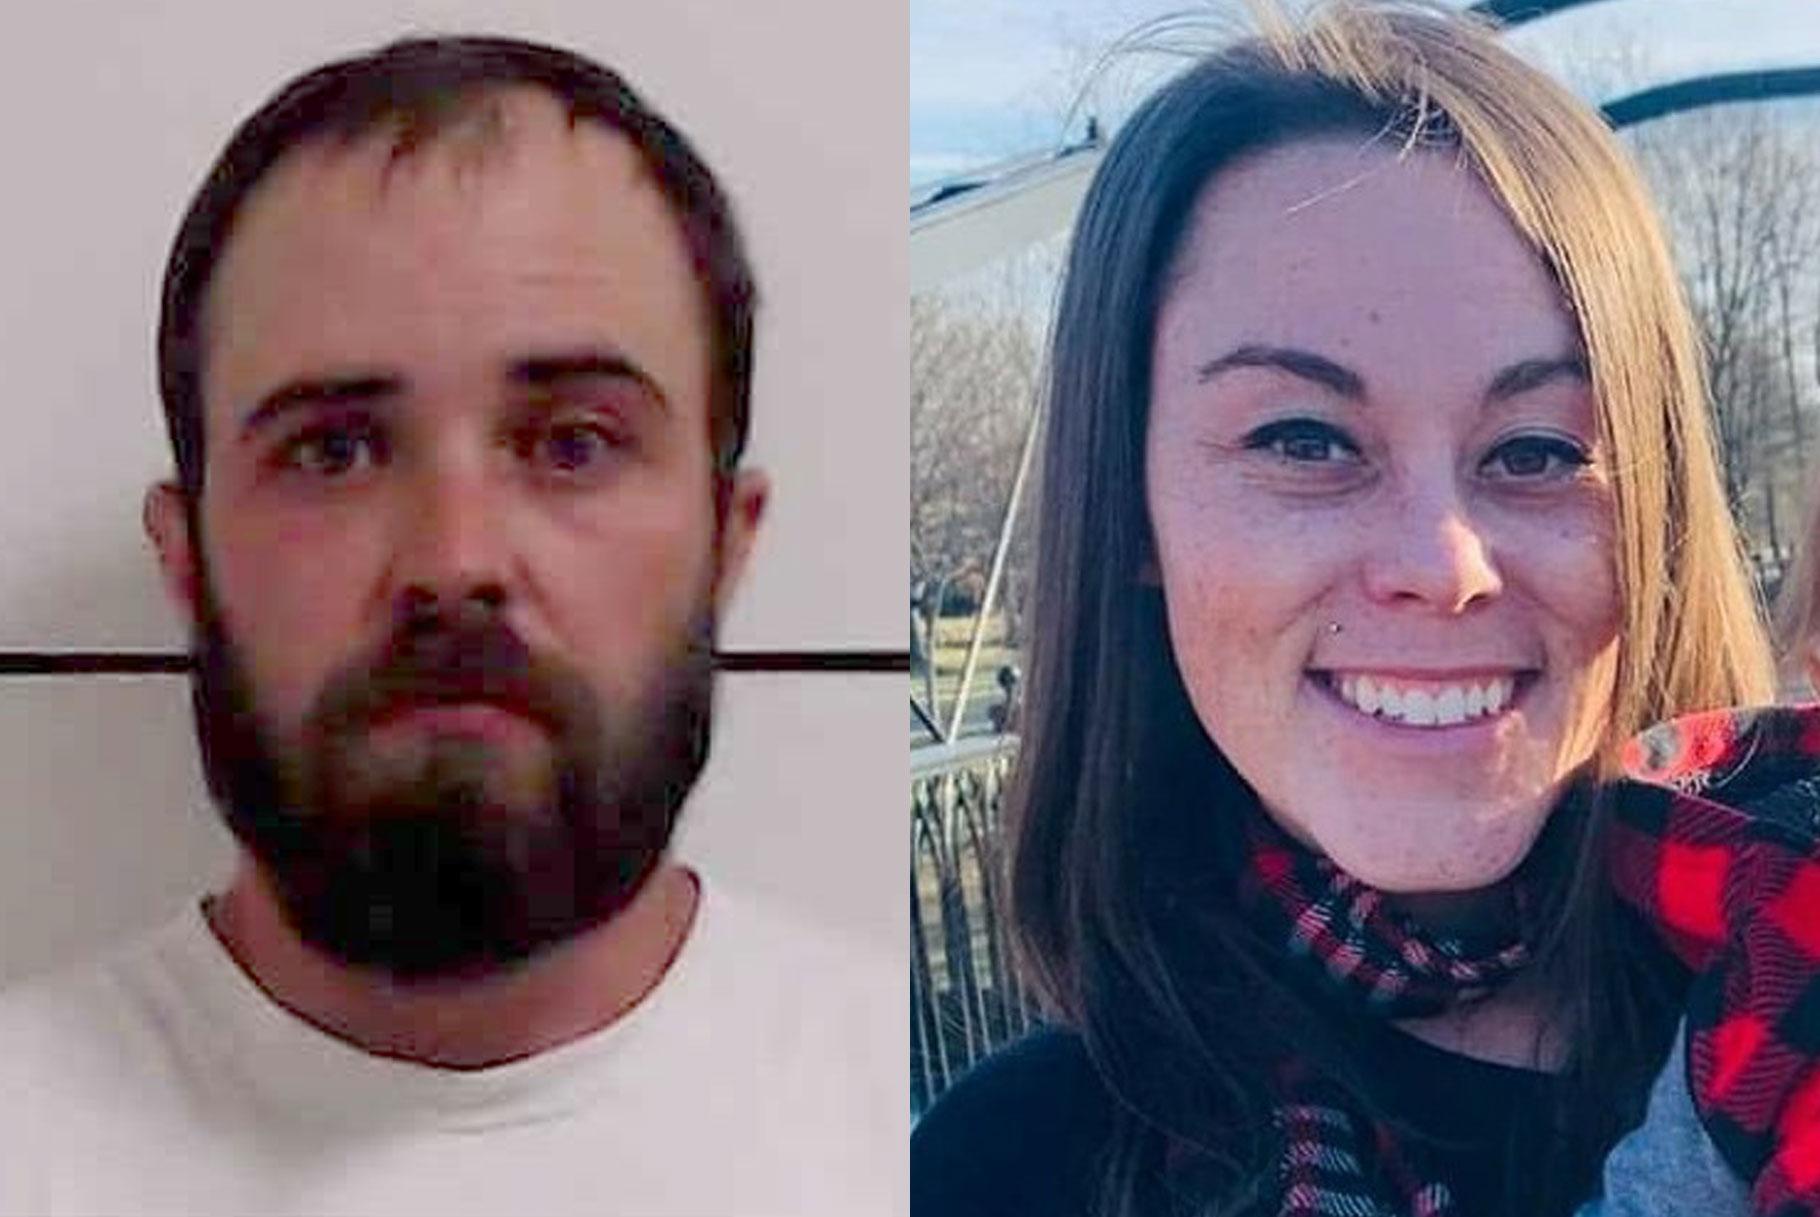 Pogrešana ženska najdena mrtva na posesti fanta, ki je prijavil pogrešano